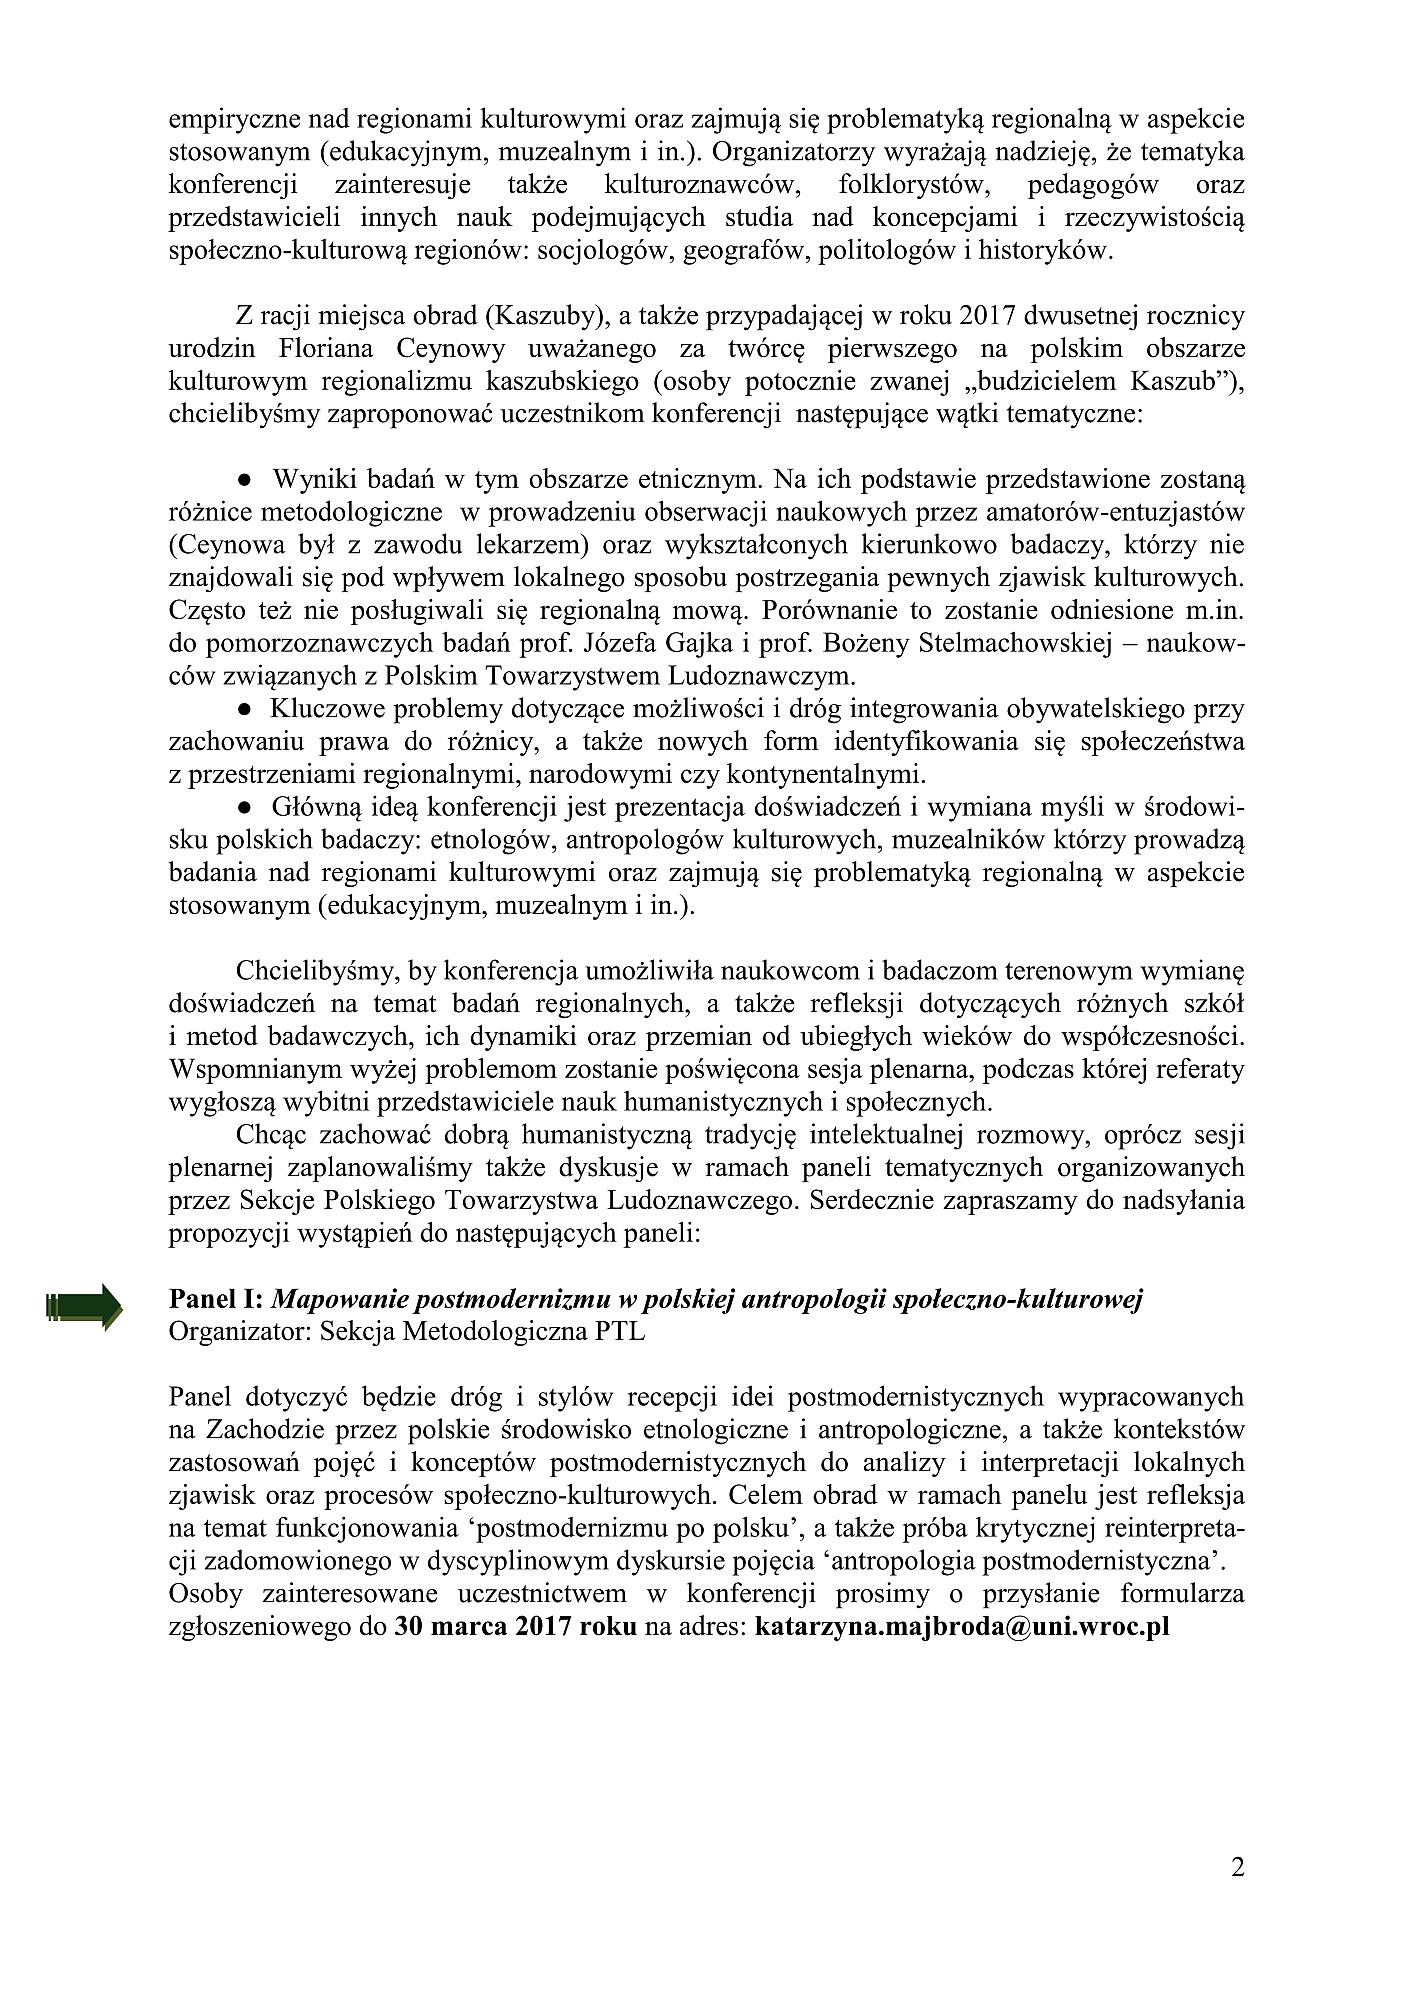 Zaproszenie na Konferencję PTL Gniewino 2017.06.02_02